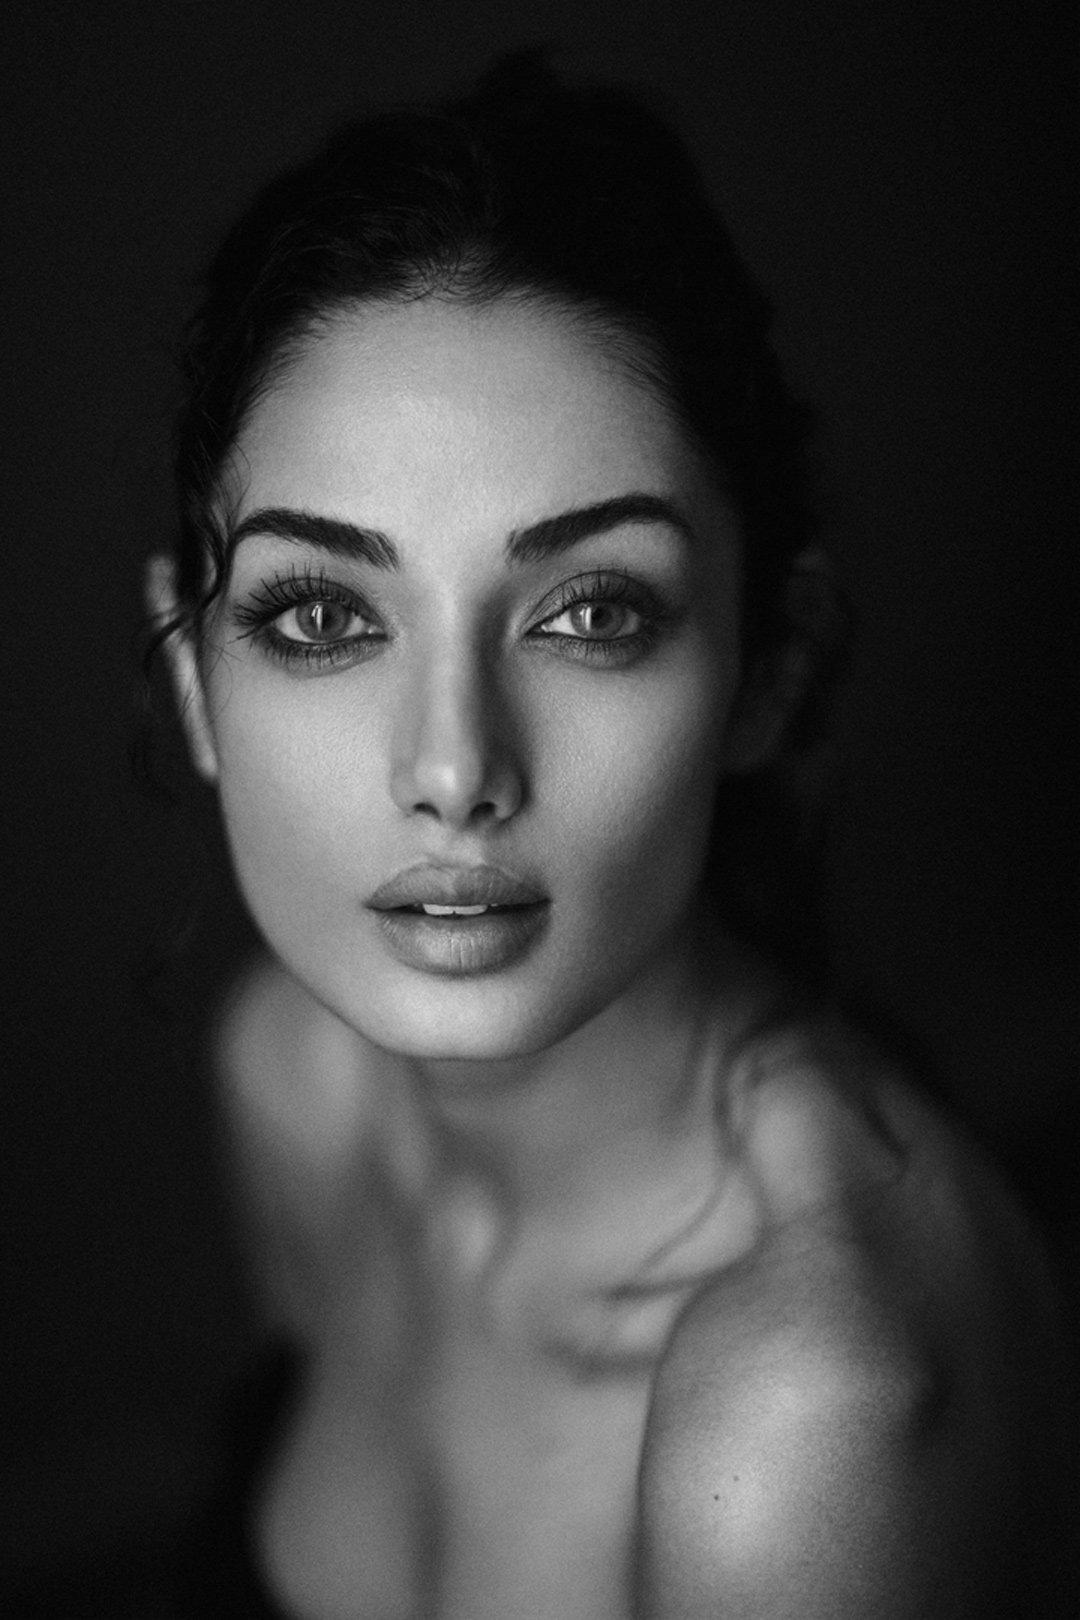 portrait  girl art bw soul deep look eyes iranian girl babakfatholahi, Babak Fatholahi